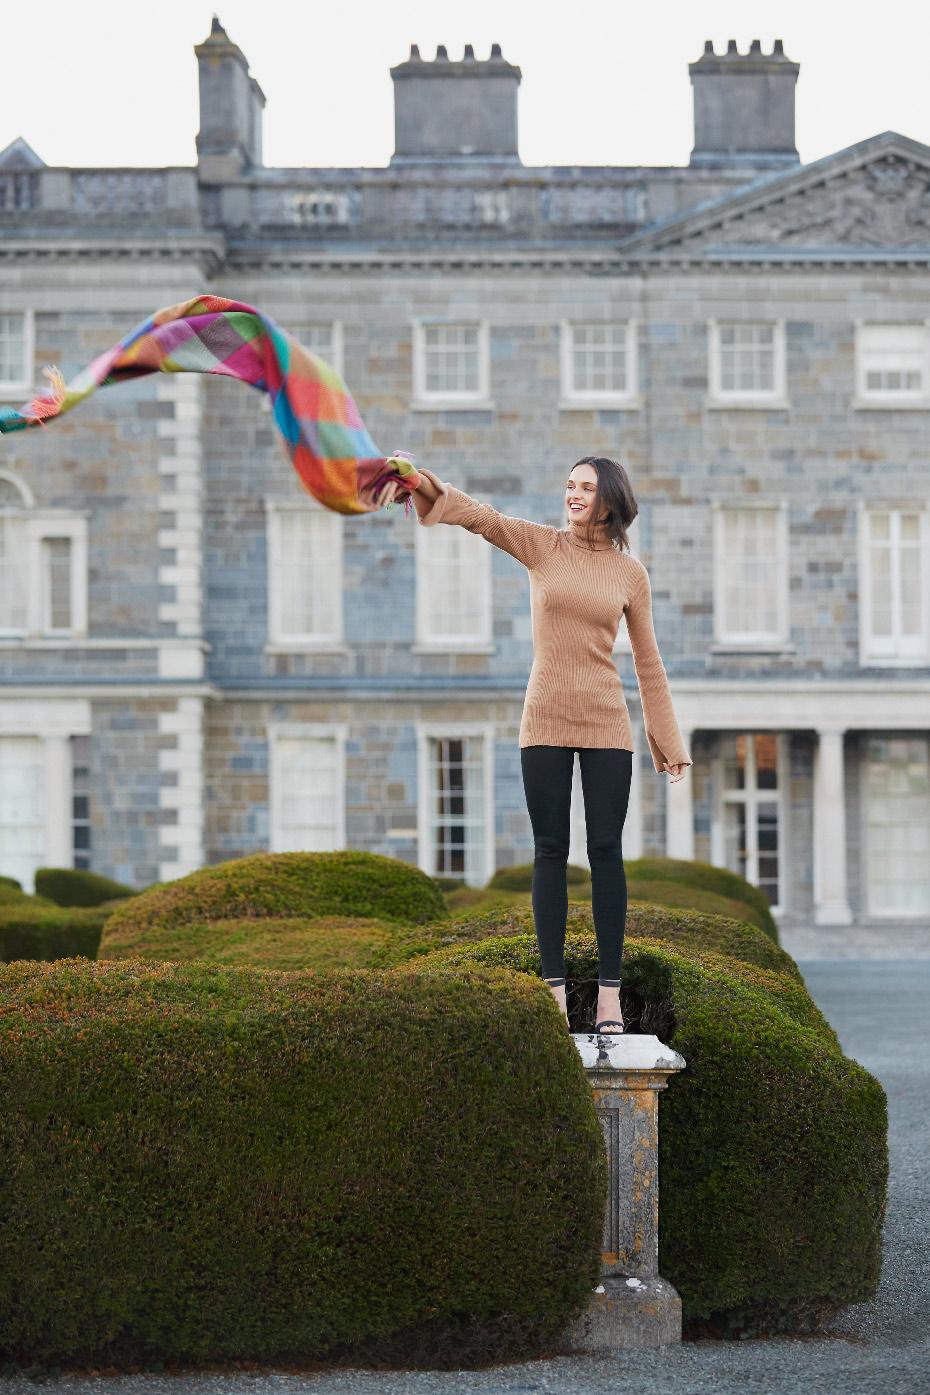 Stacey Van Berkel Photography I Carton House Travel Fashion Shoot I Avoca Ireland Blanket I Kildare, Ireland